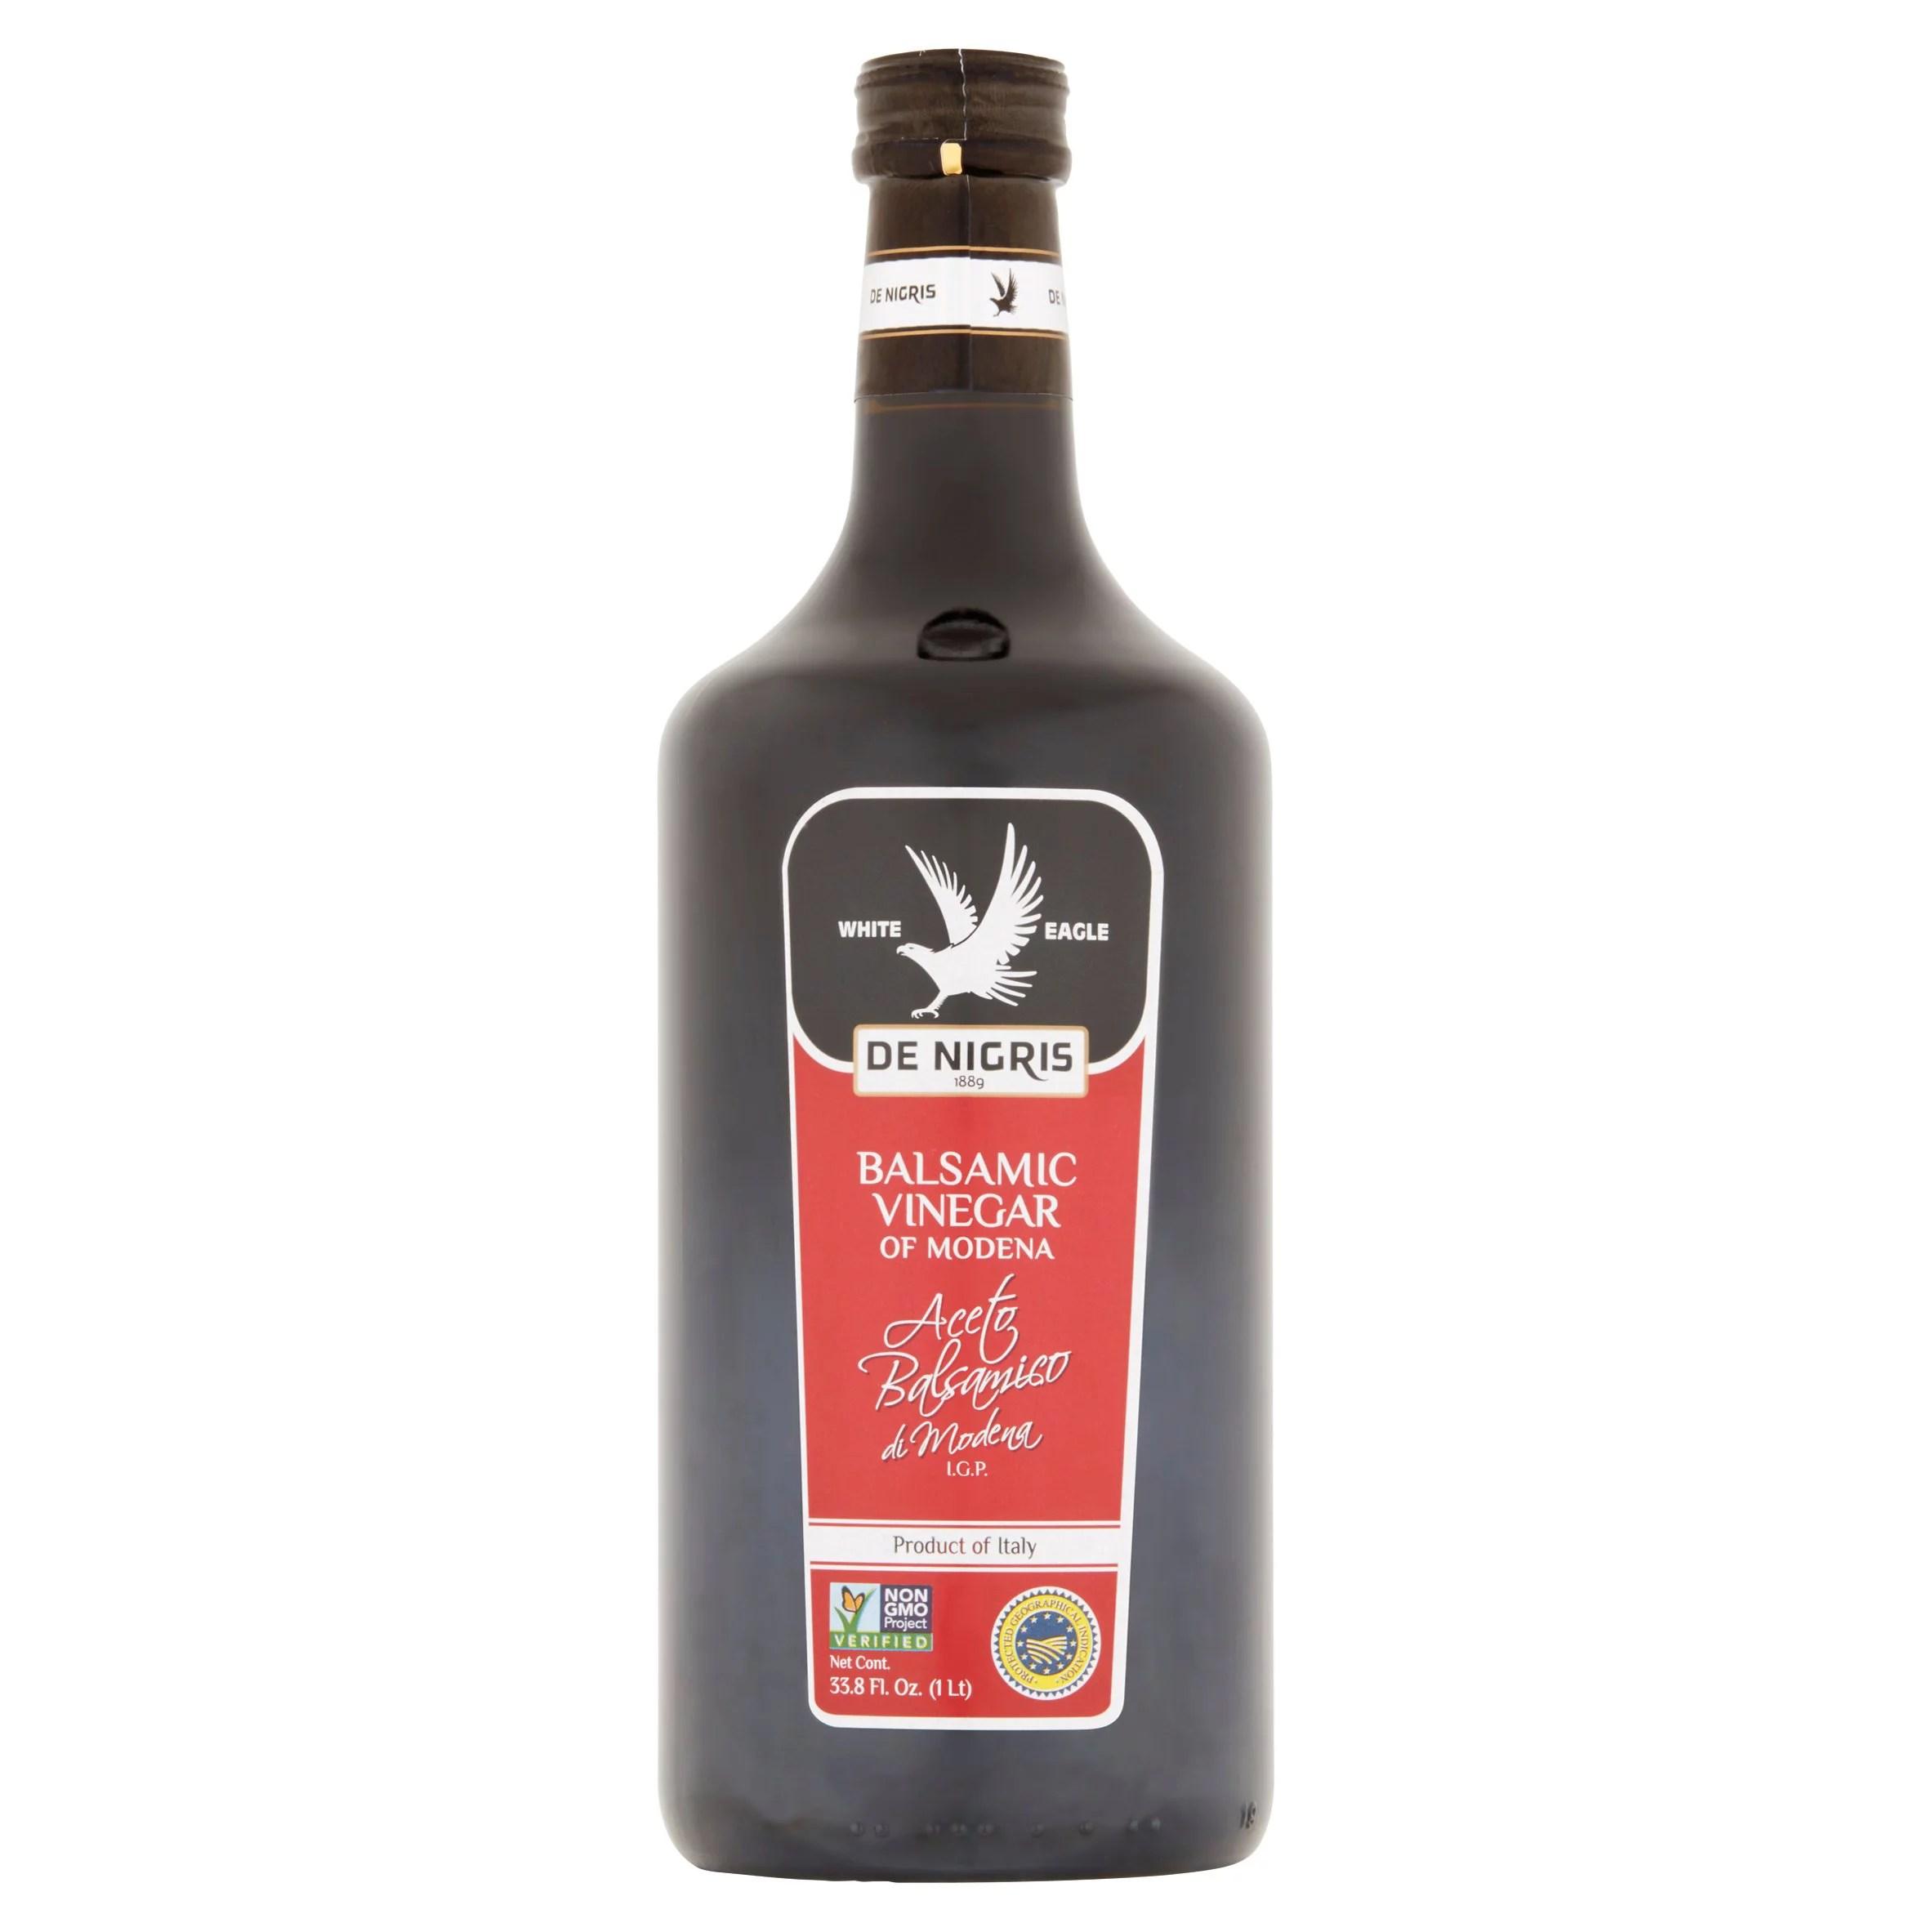 De Nigris Balsamic Vinegar of Modena 338 fl oz Walmartcom